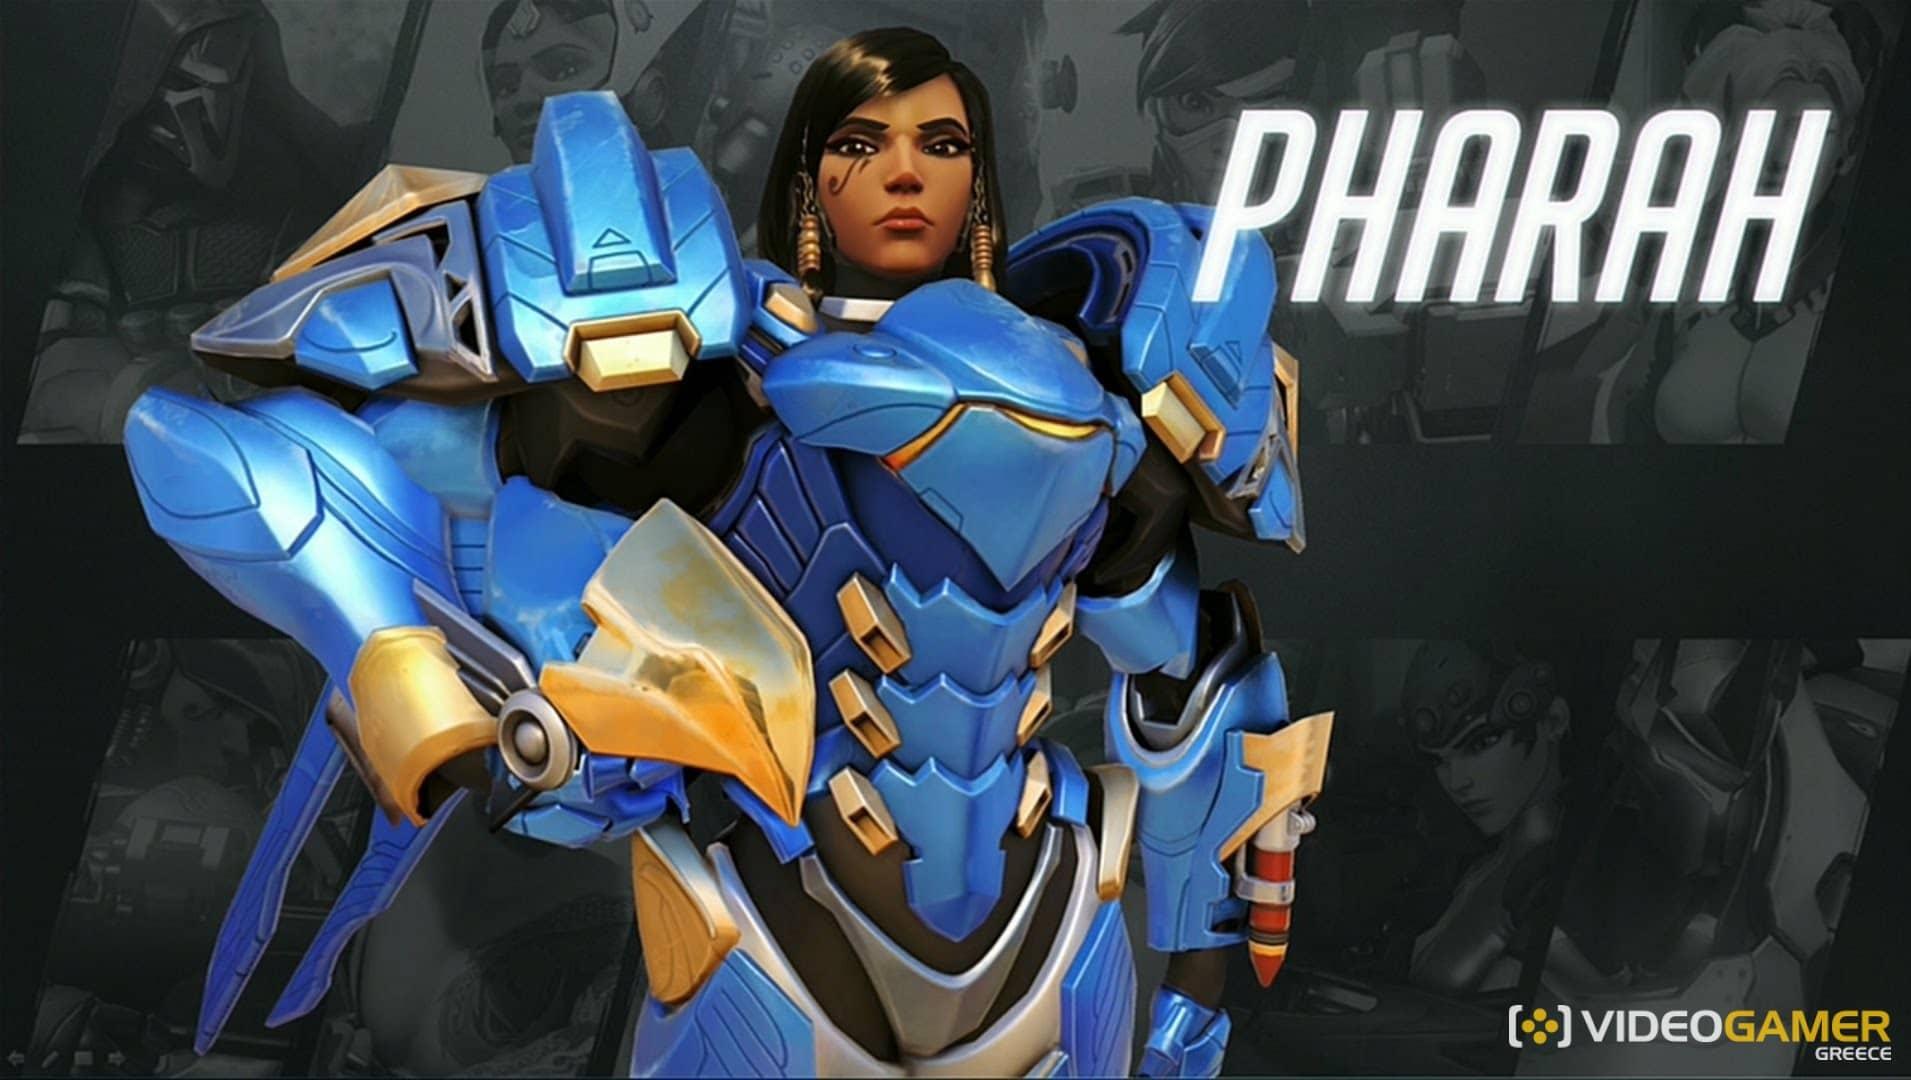 pharah_overwatch_videogamer